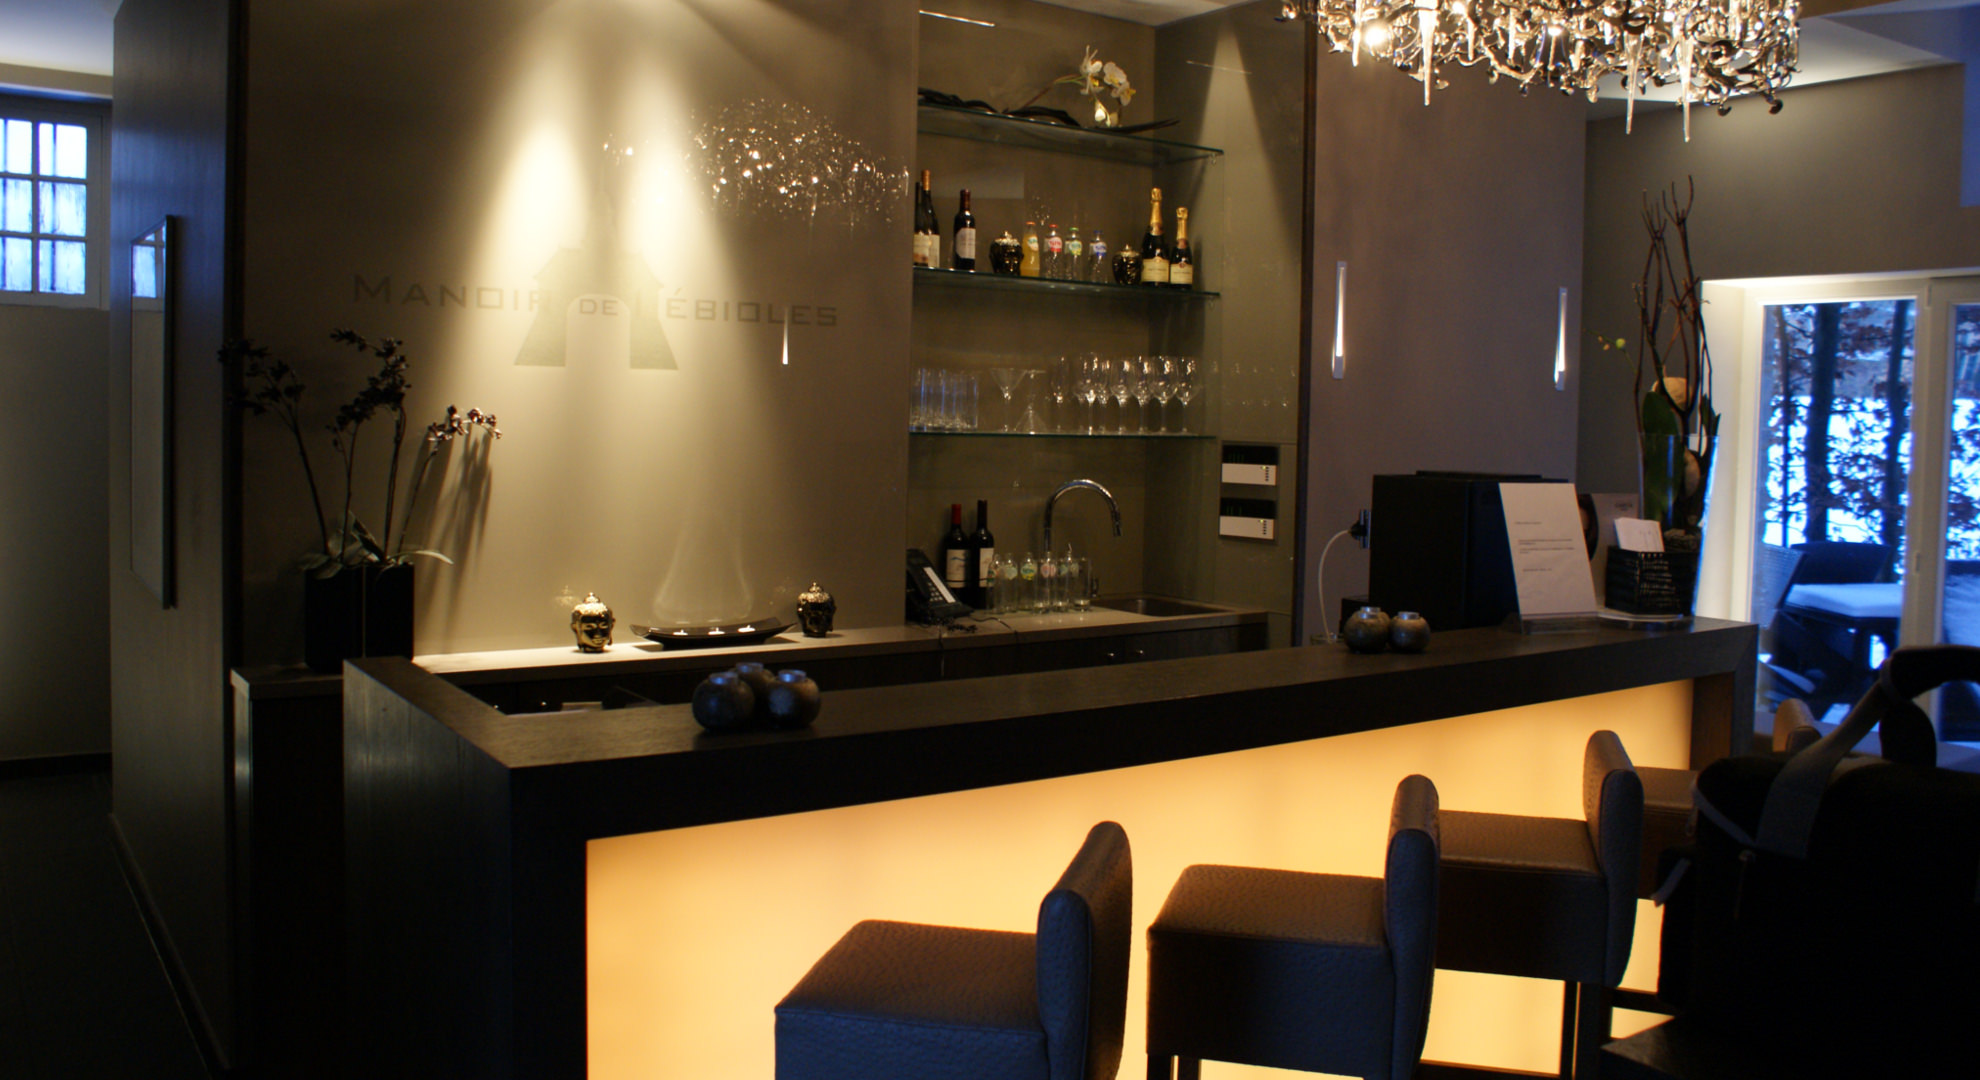 Bar mit Atmosphäre zum entspannen